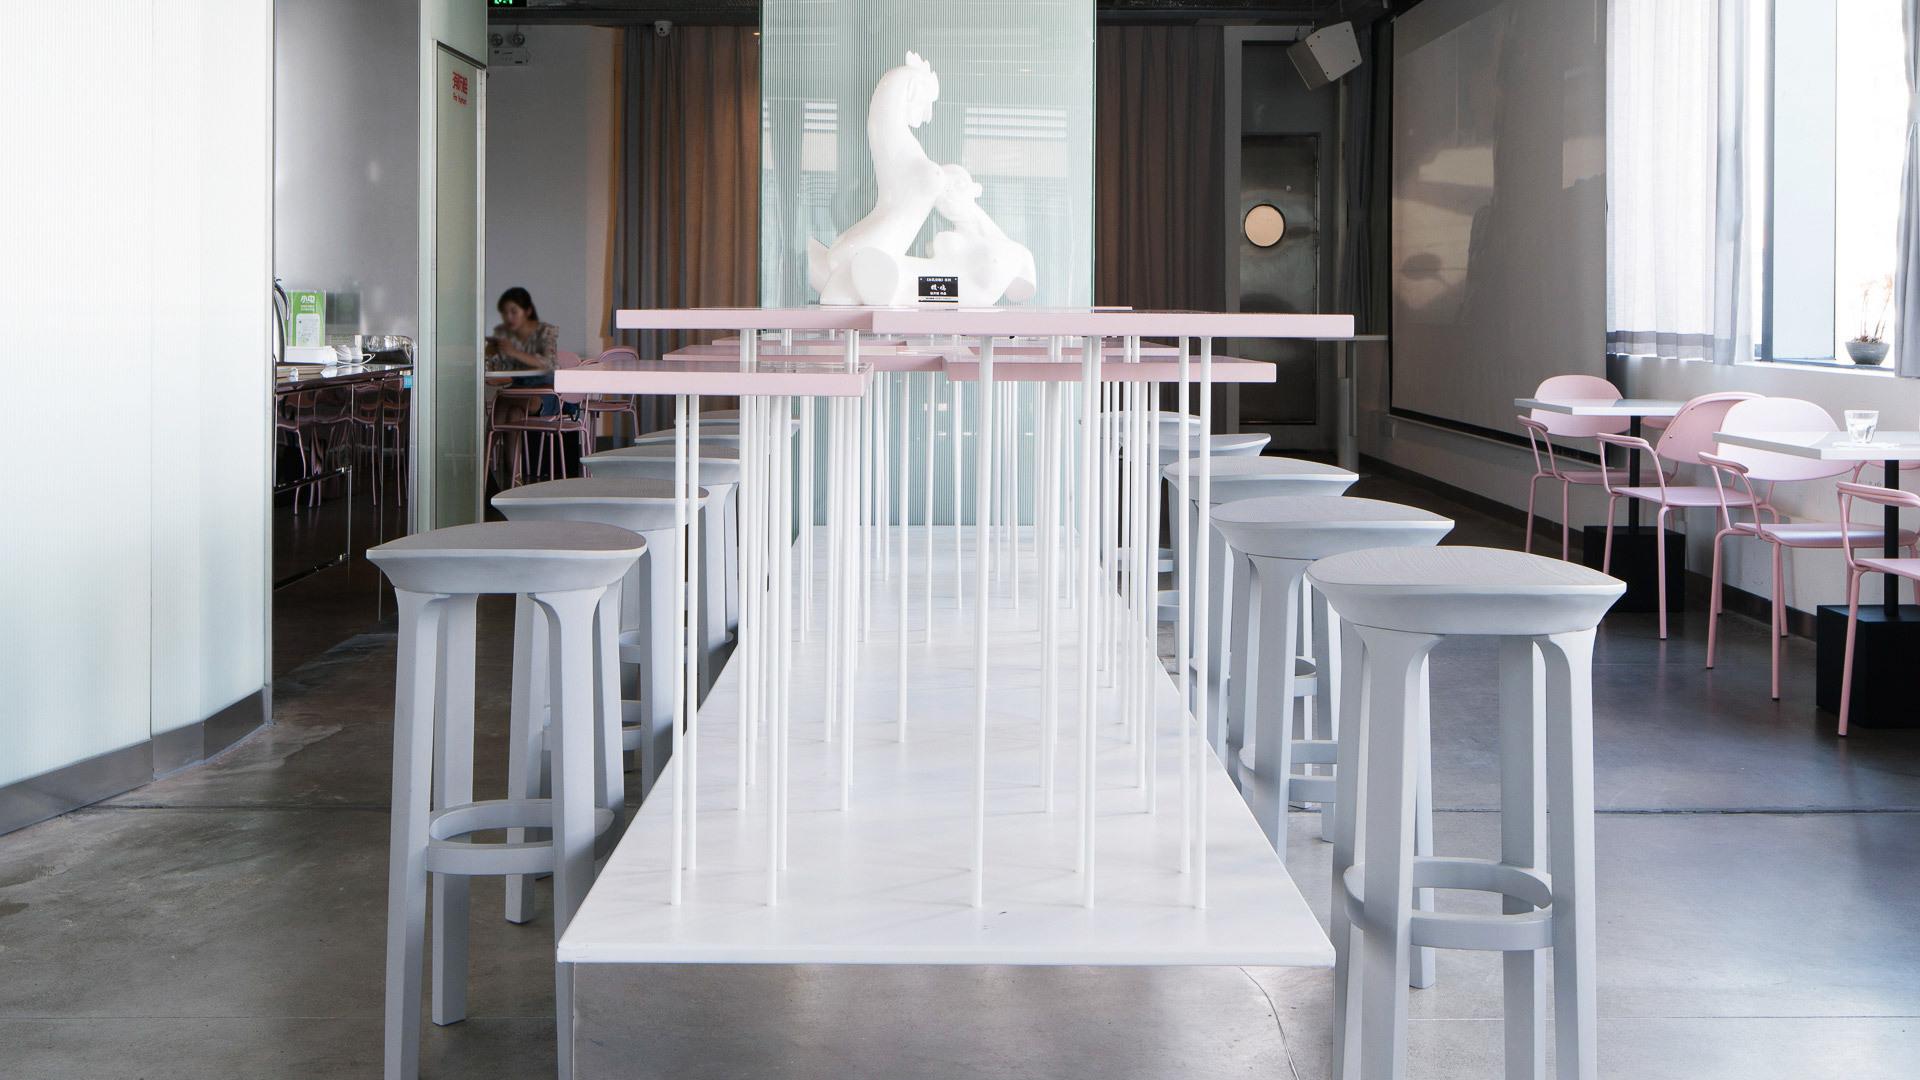 实景示范,前卫咖啡馆有型入座